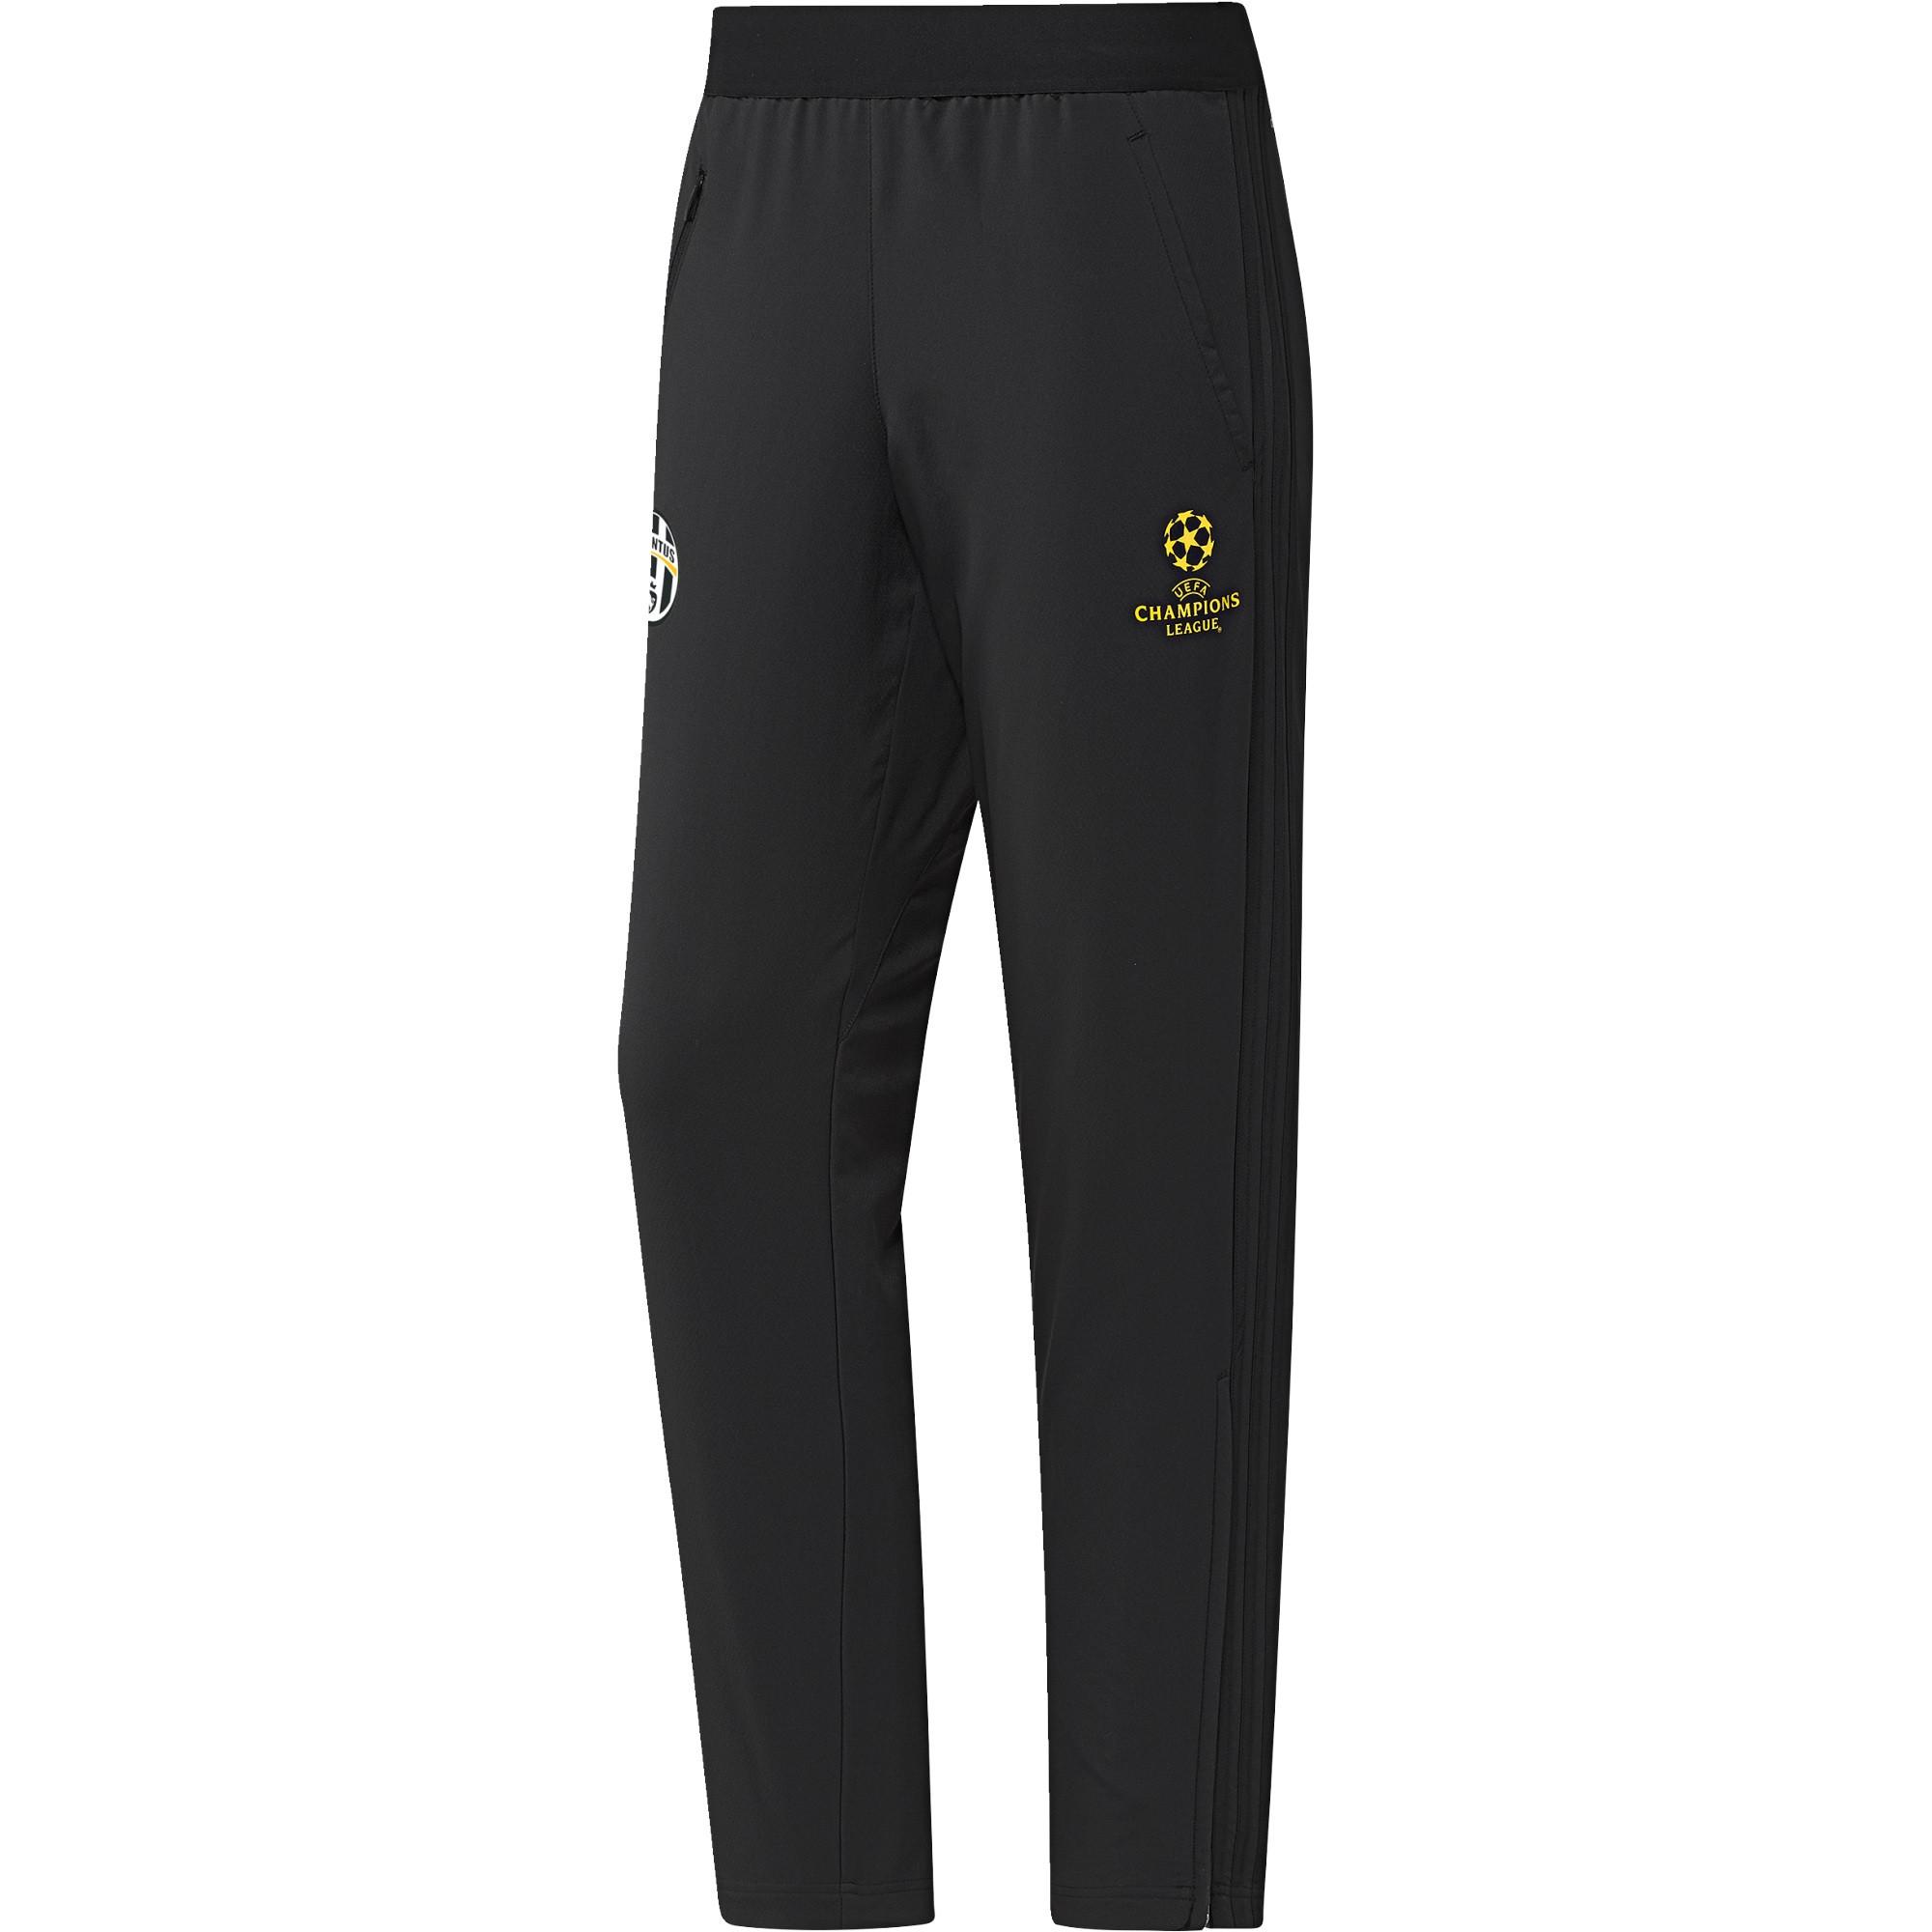 Eu Pant Entrainement 20162017 Juventus Pre Noir Adidas Pantalon qtx5zwRRv 8a74aa4a9ff0